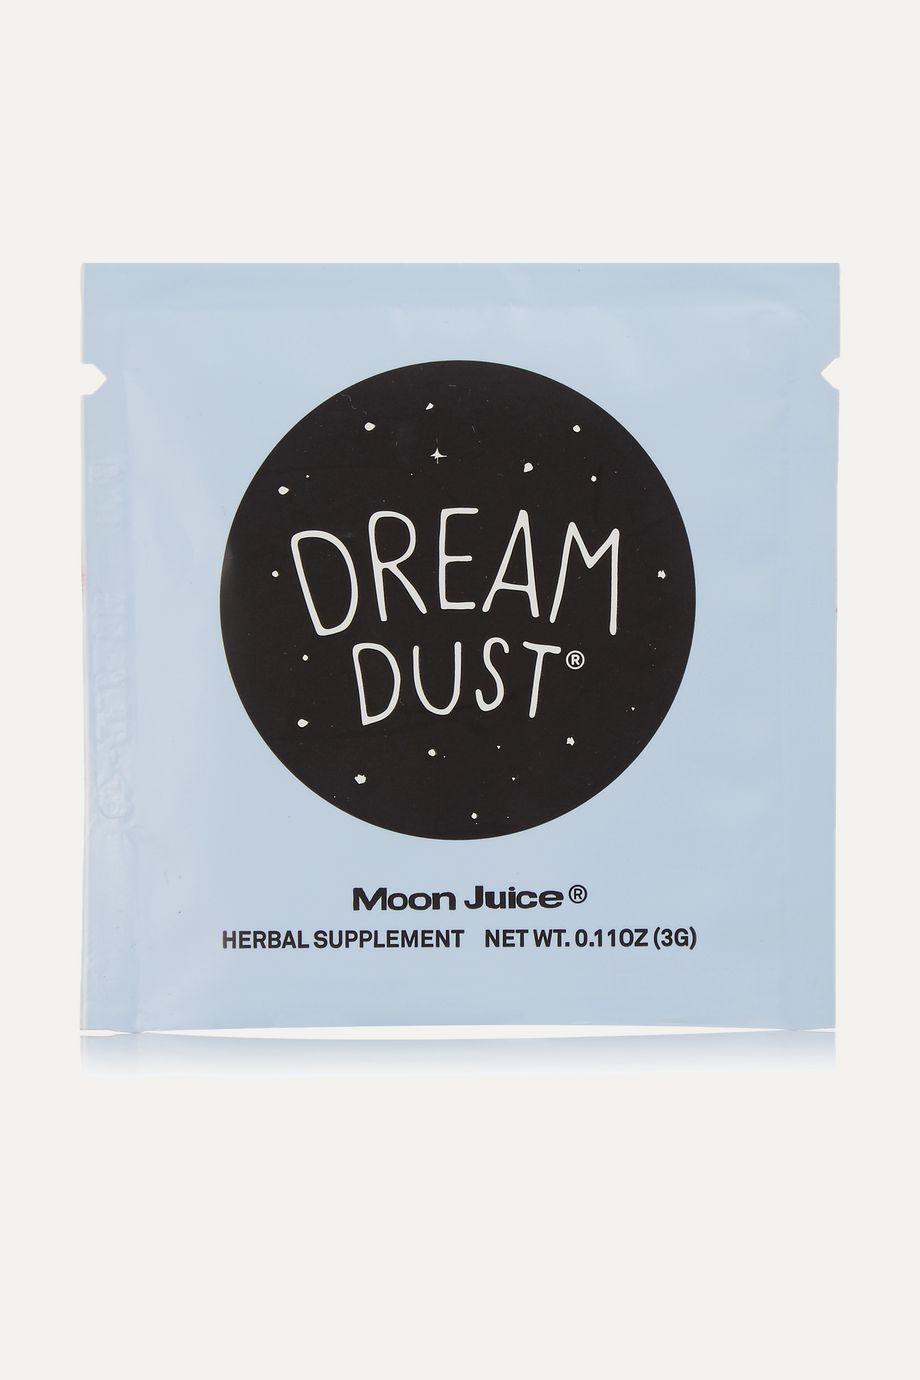 Moon Juice Dream Dust Sachet Sampler Box - 12 Days